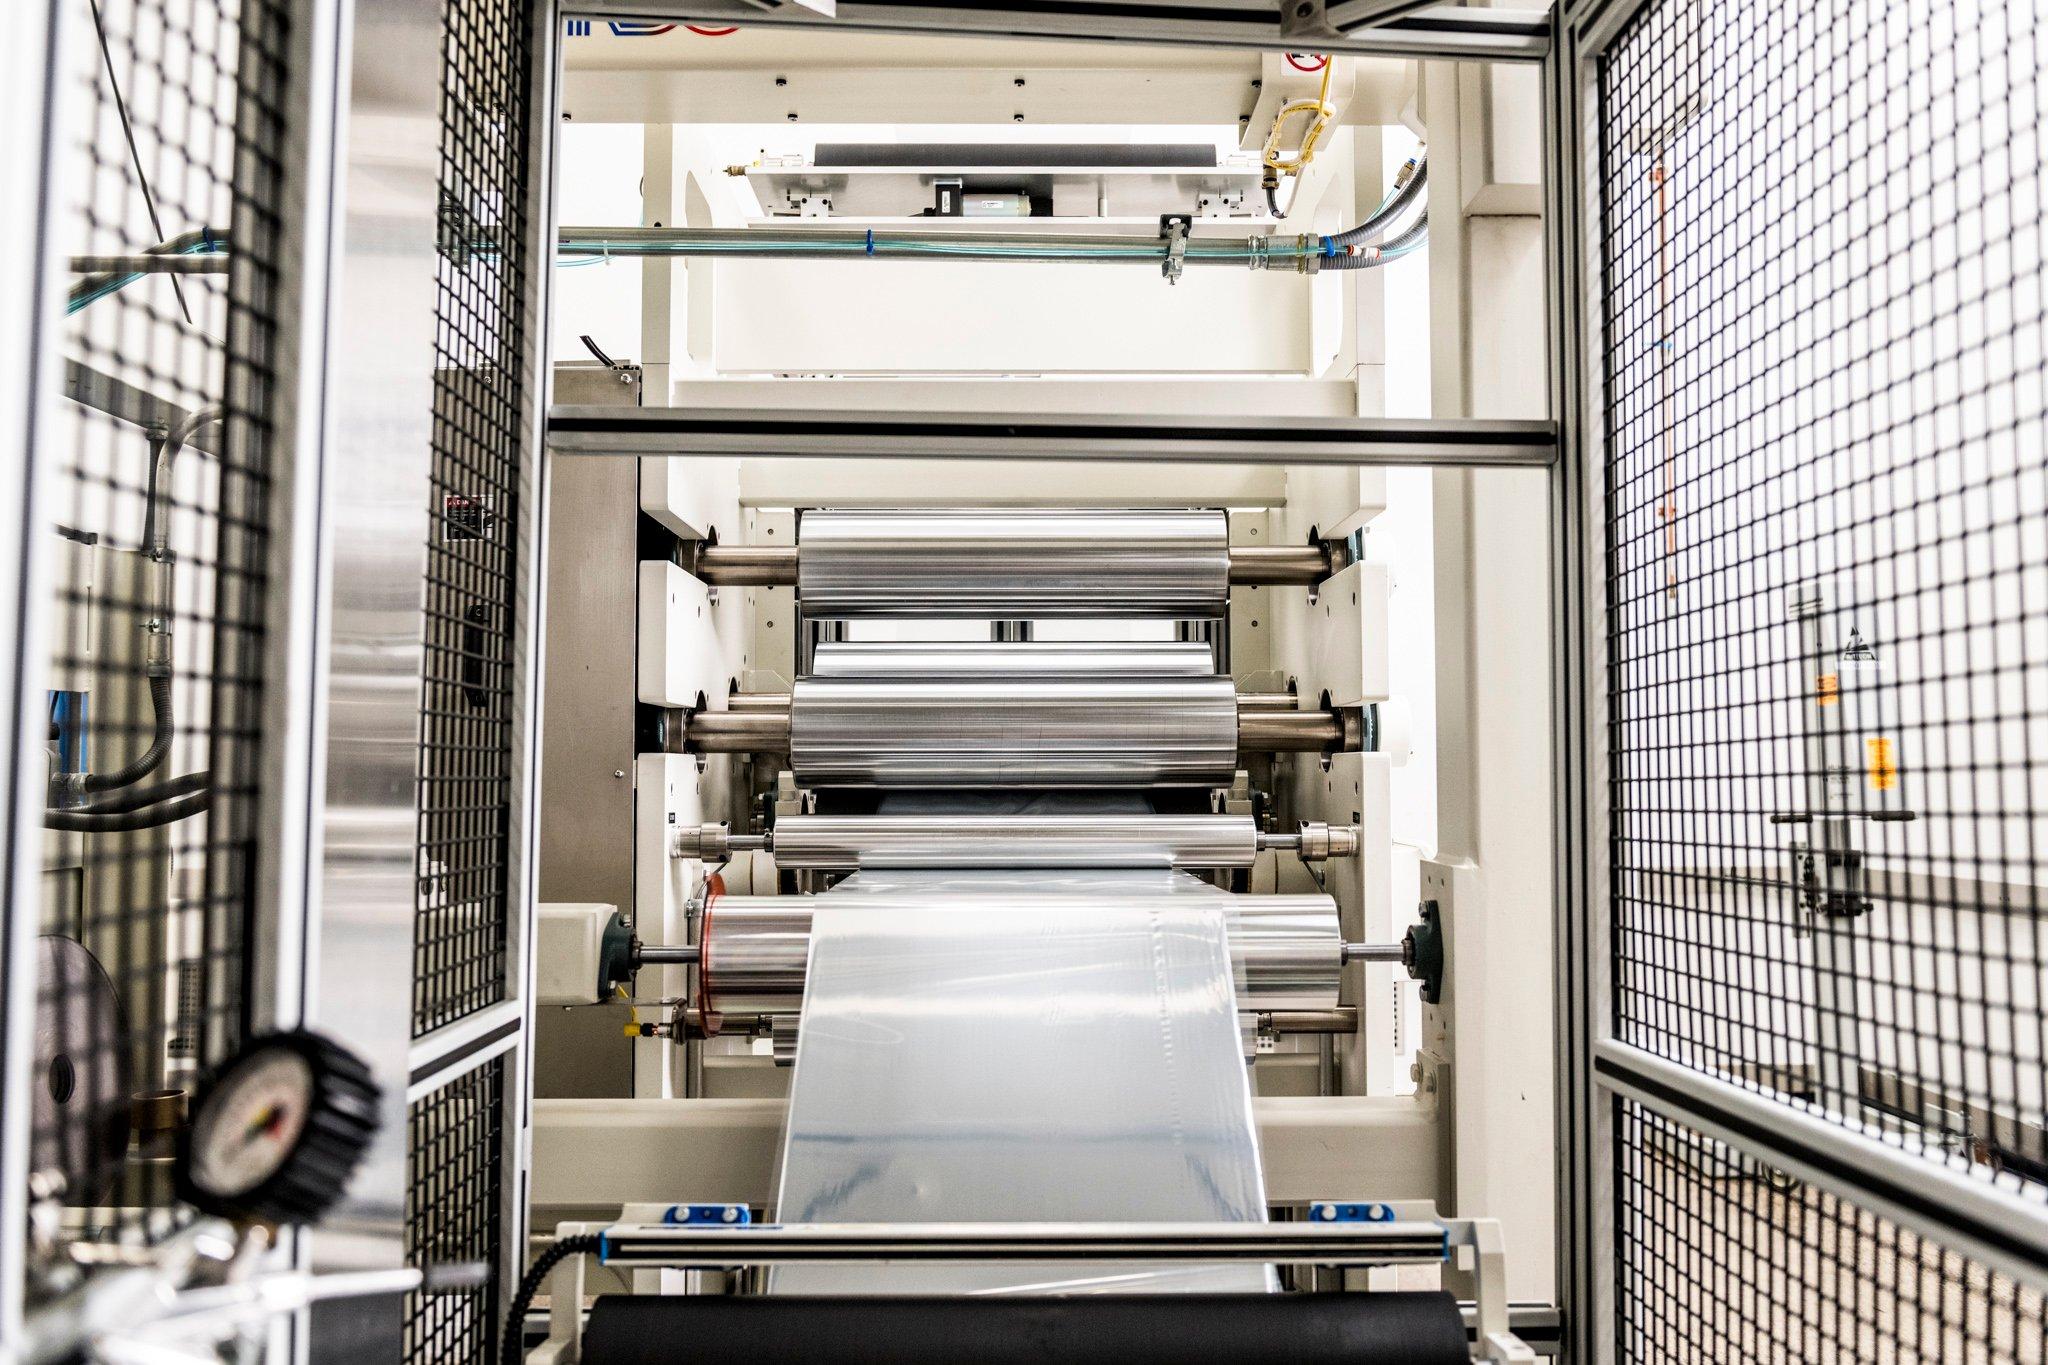 Tapemark's commercial coating equipment